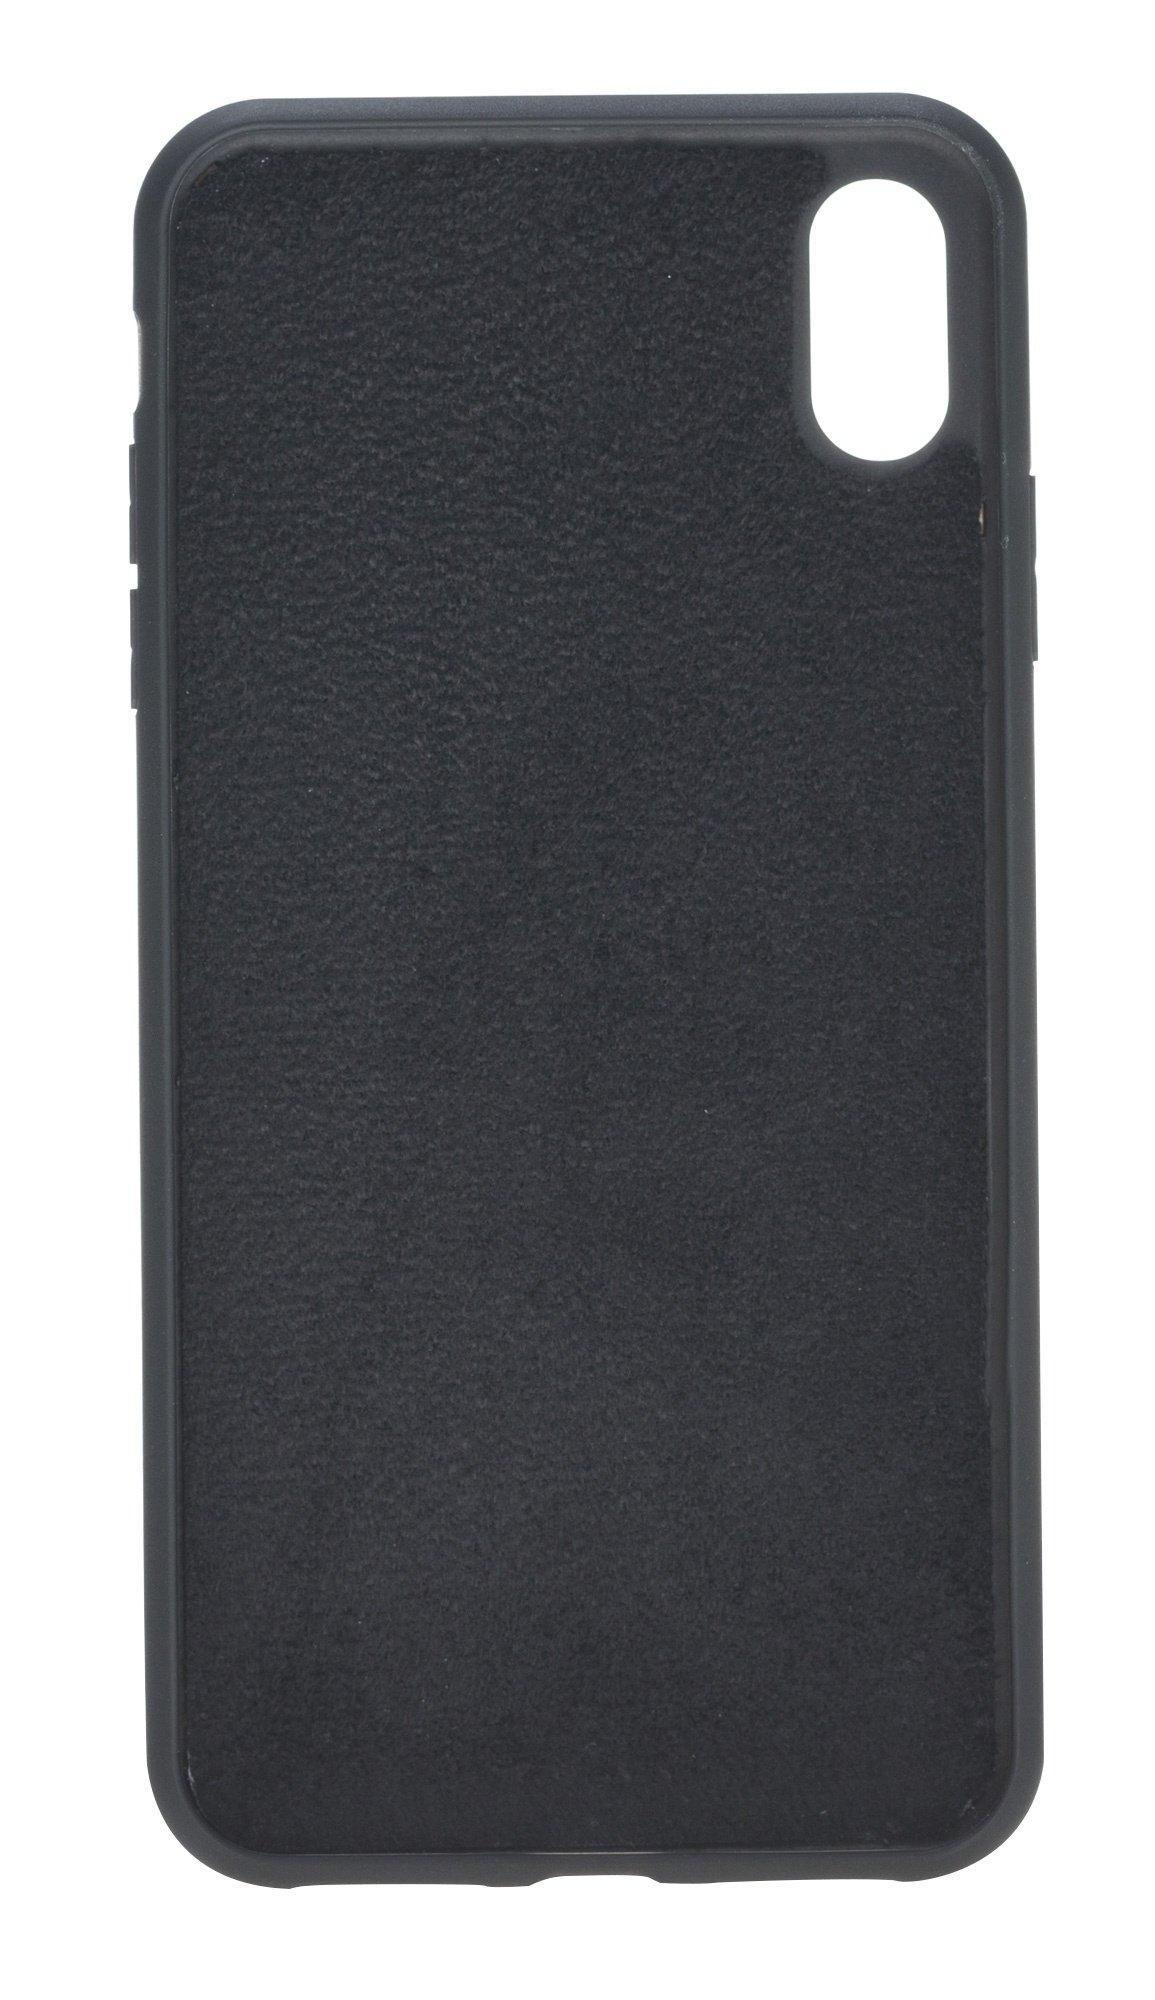 Solo Pelle iPhone X/XS Case Leder Hülle Ledertasche (Carbonprägung Leder)